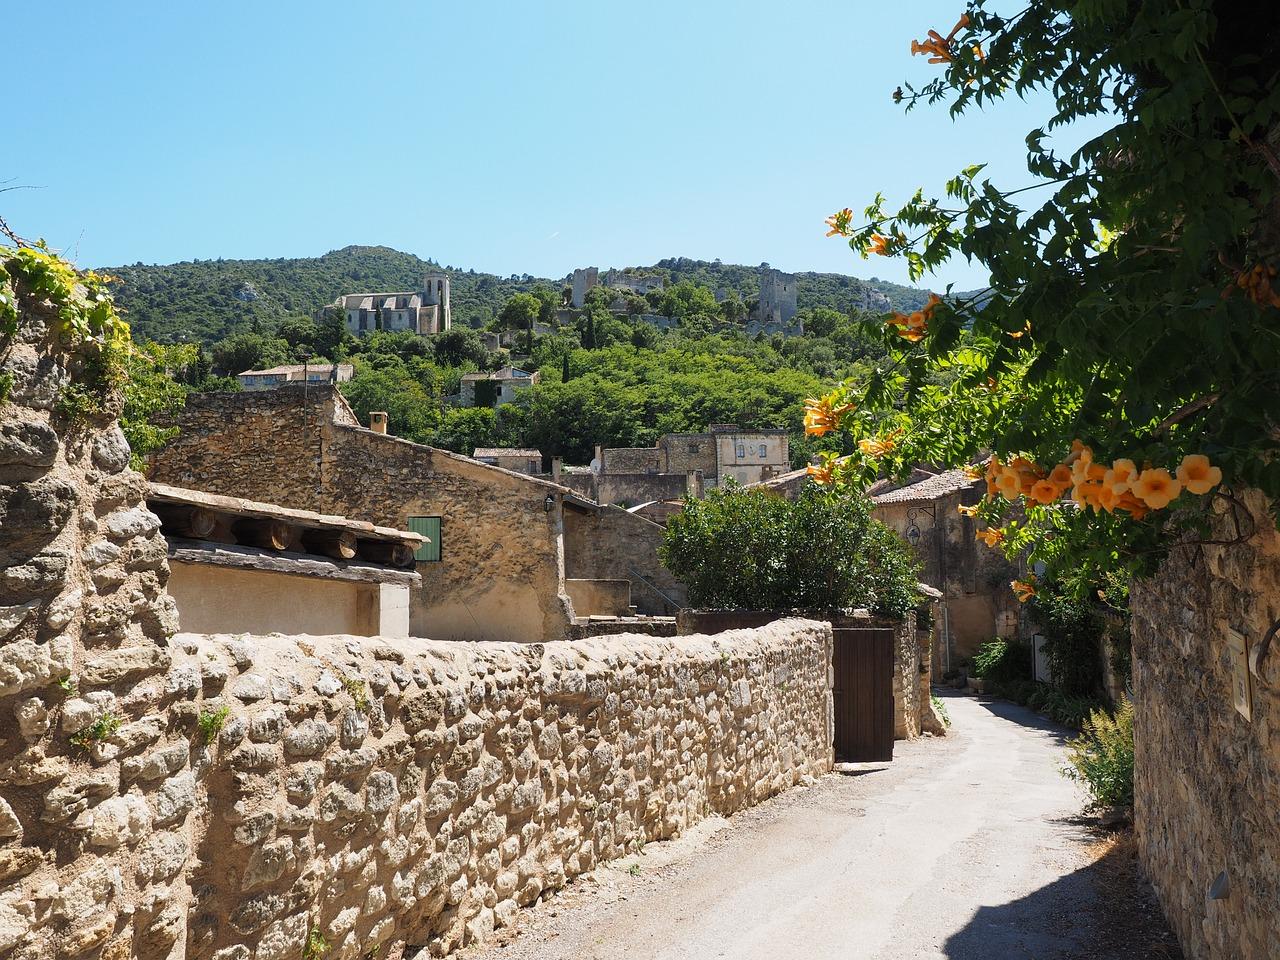 les musées à visiter en Provences-Alpes-Côte d'Azur